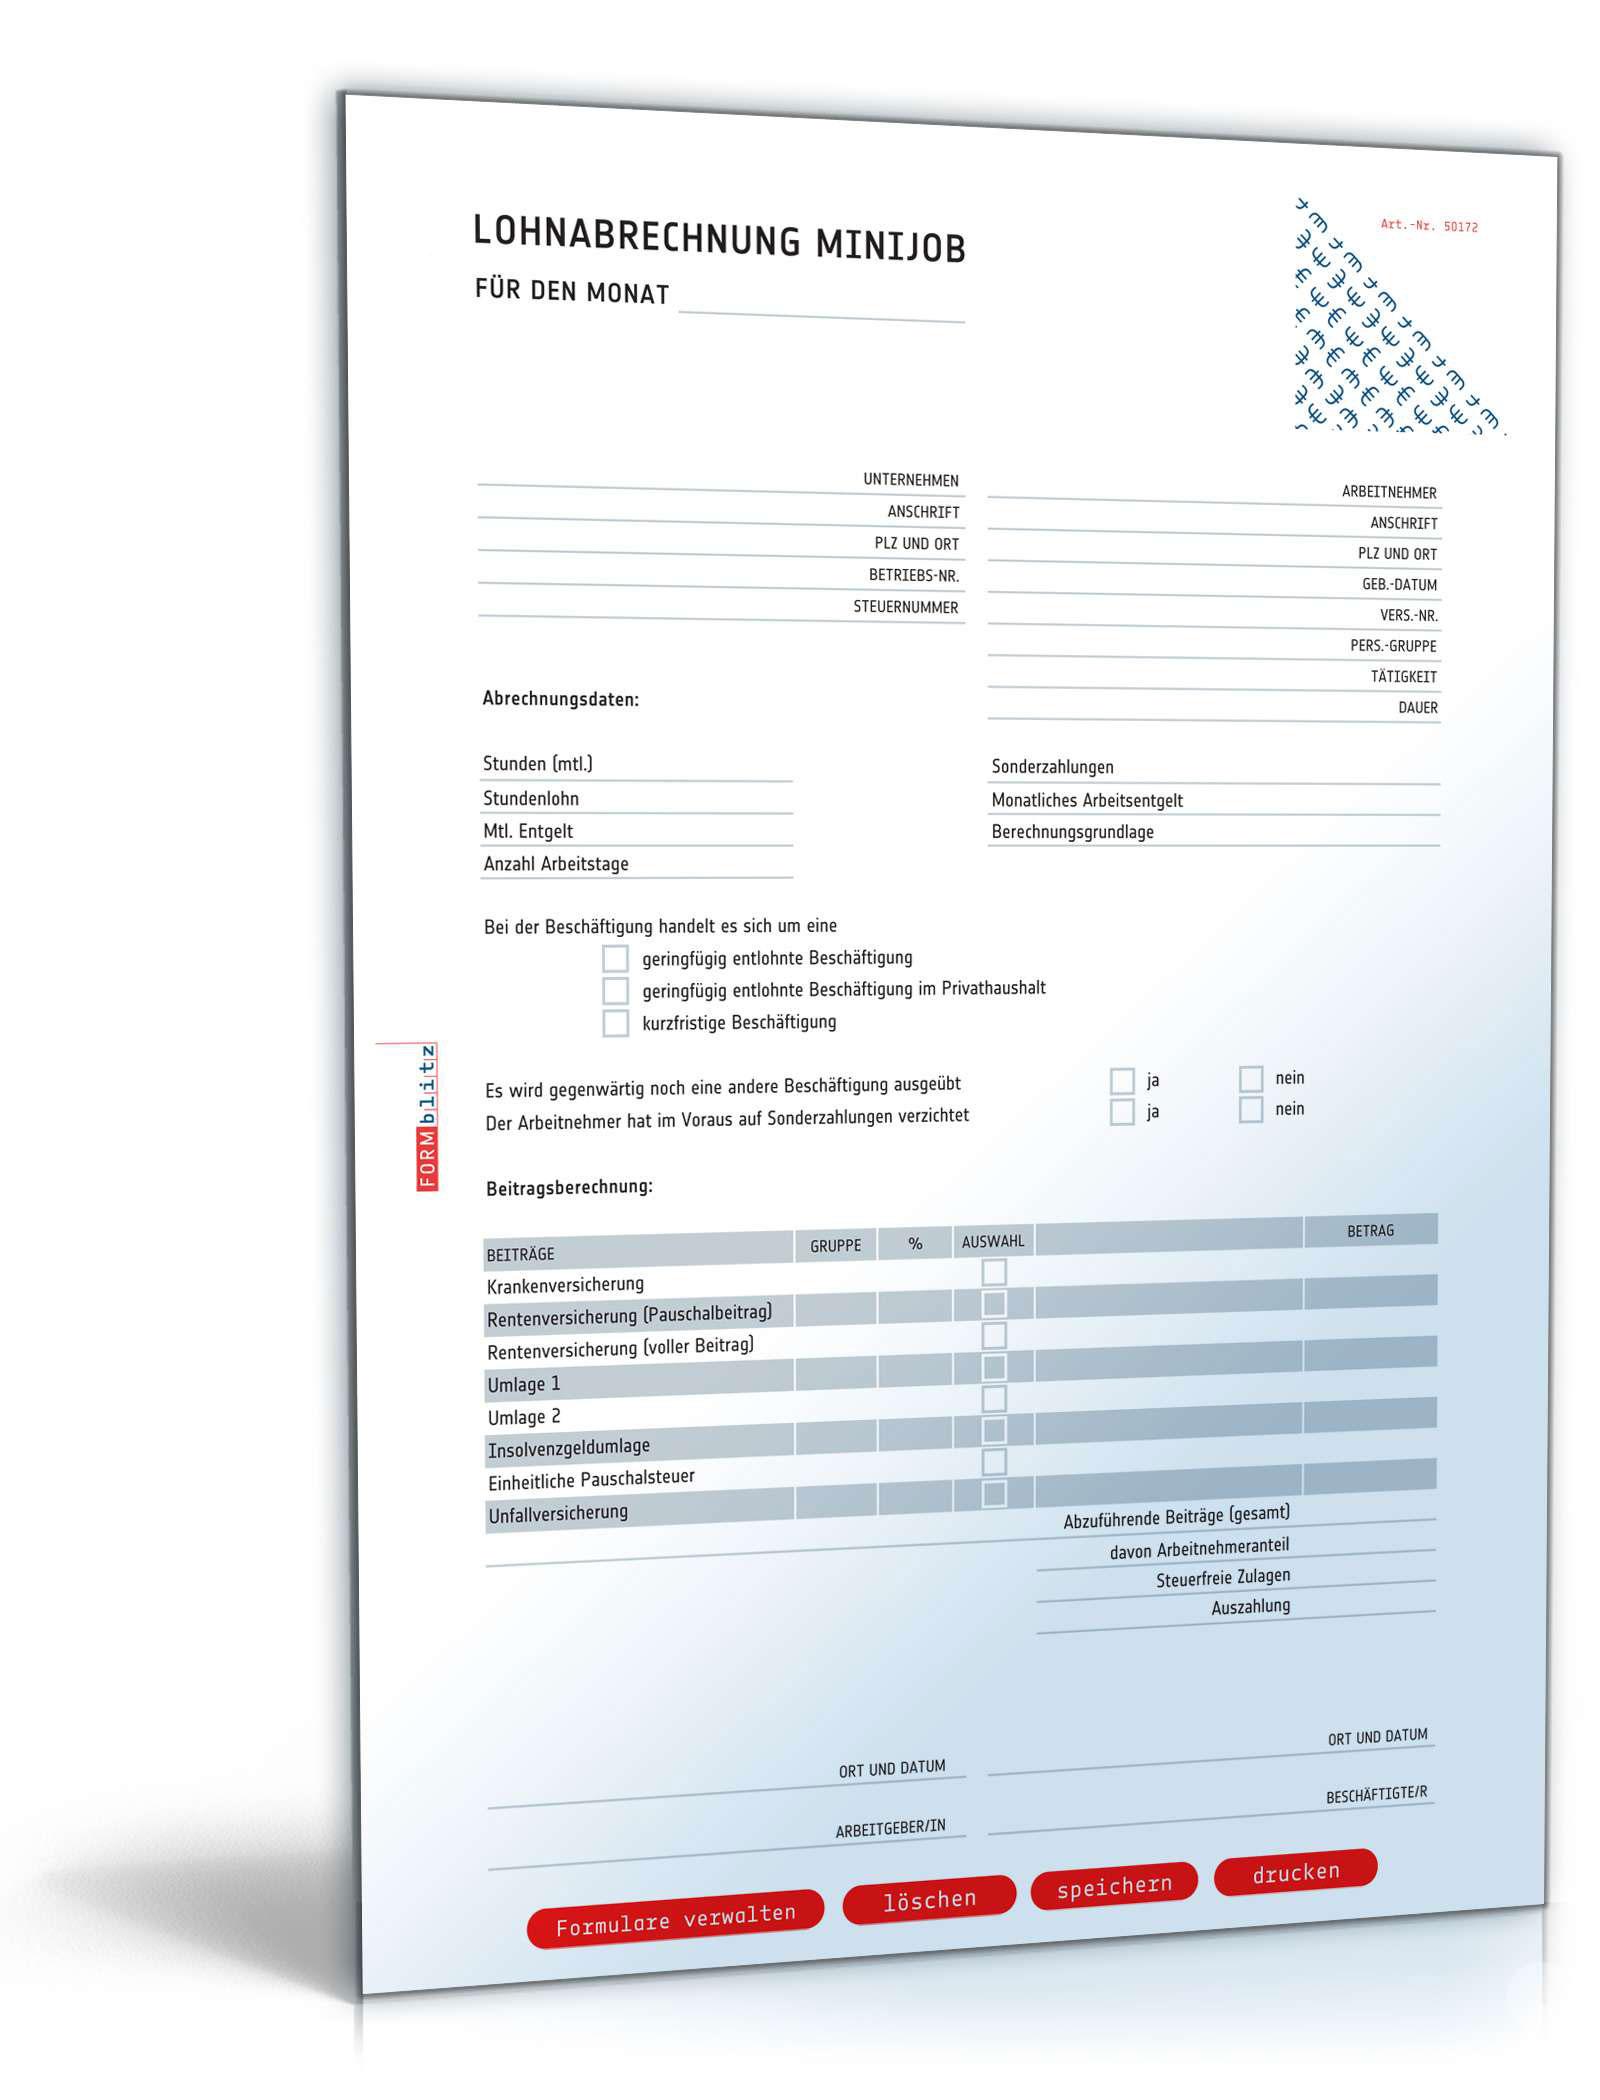 Lohnabrechnung 450-Euro-Minijob ab Oktober 2020 Dokument zum Download